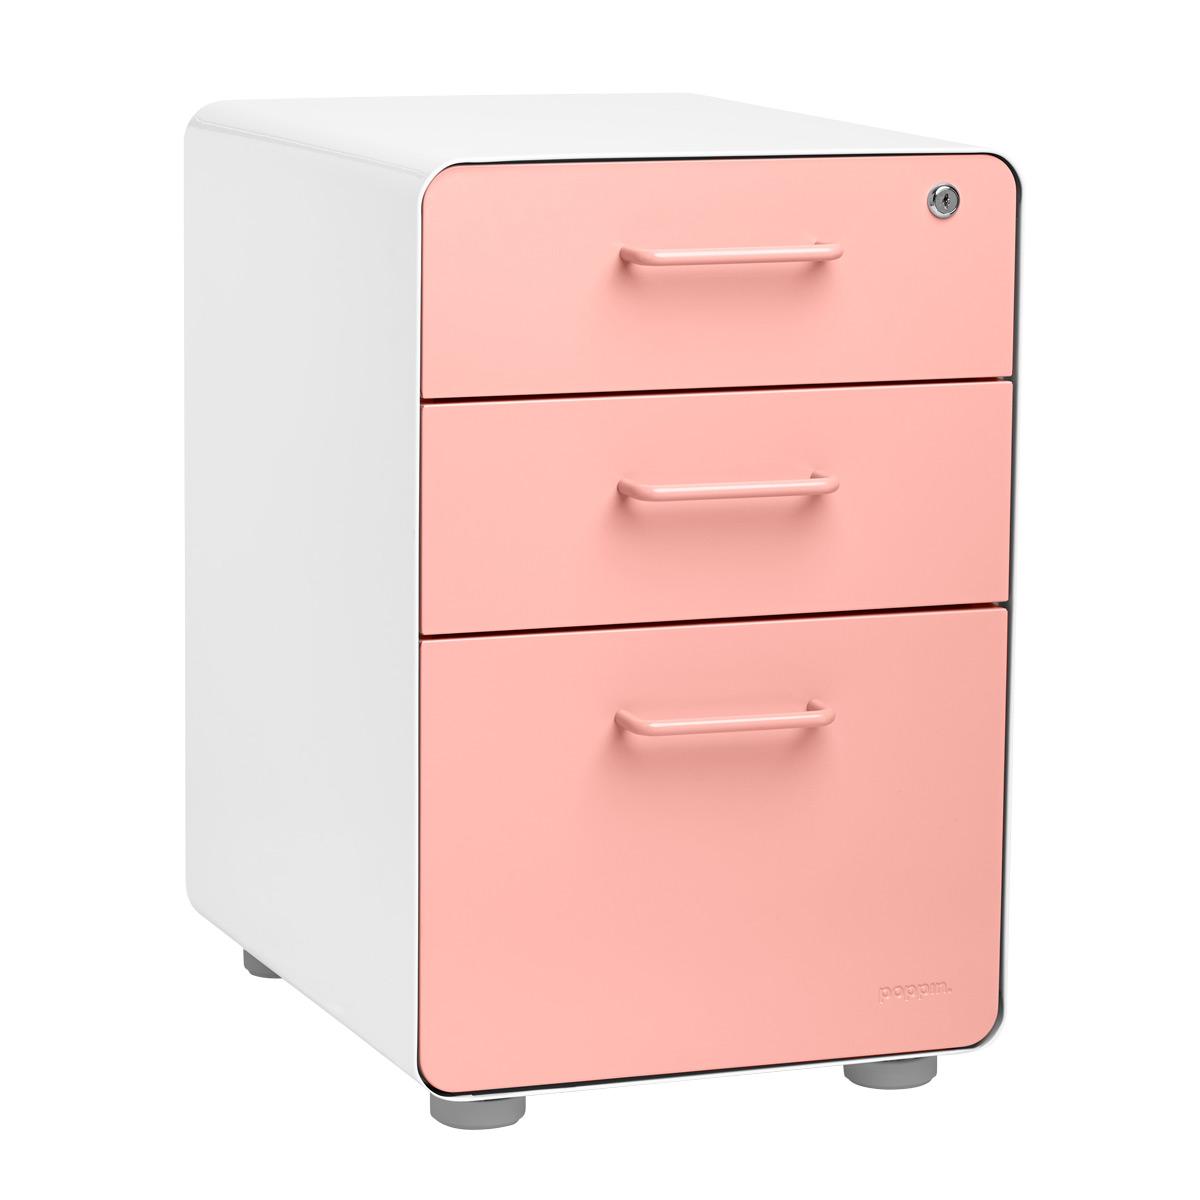 Poppin Blush 3 Drawer Stow Locking Filing Cabinet